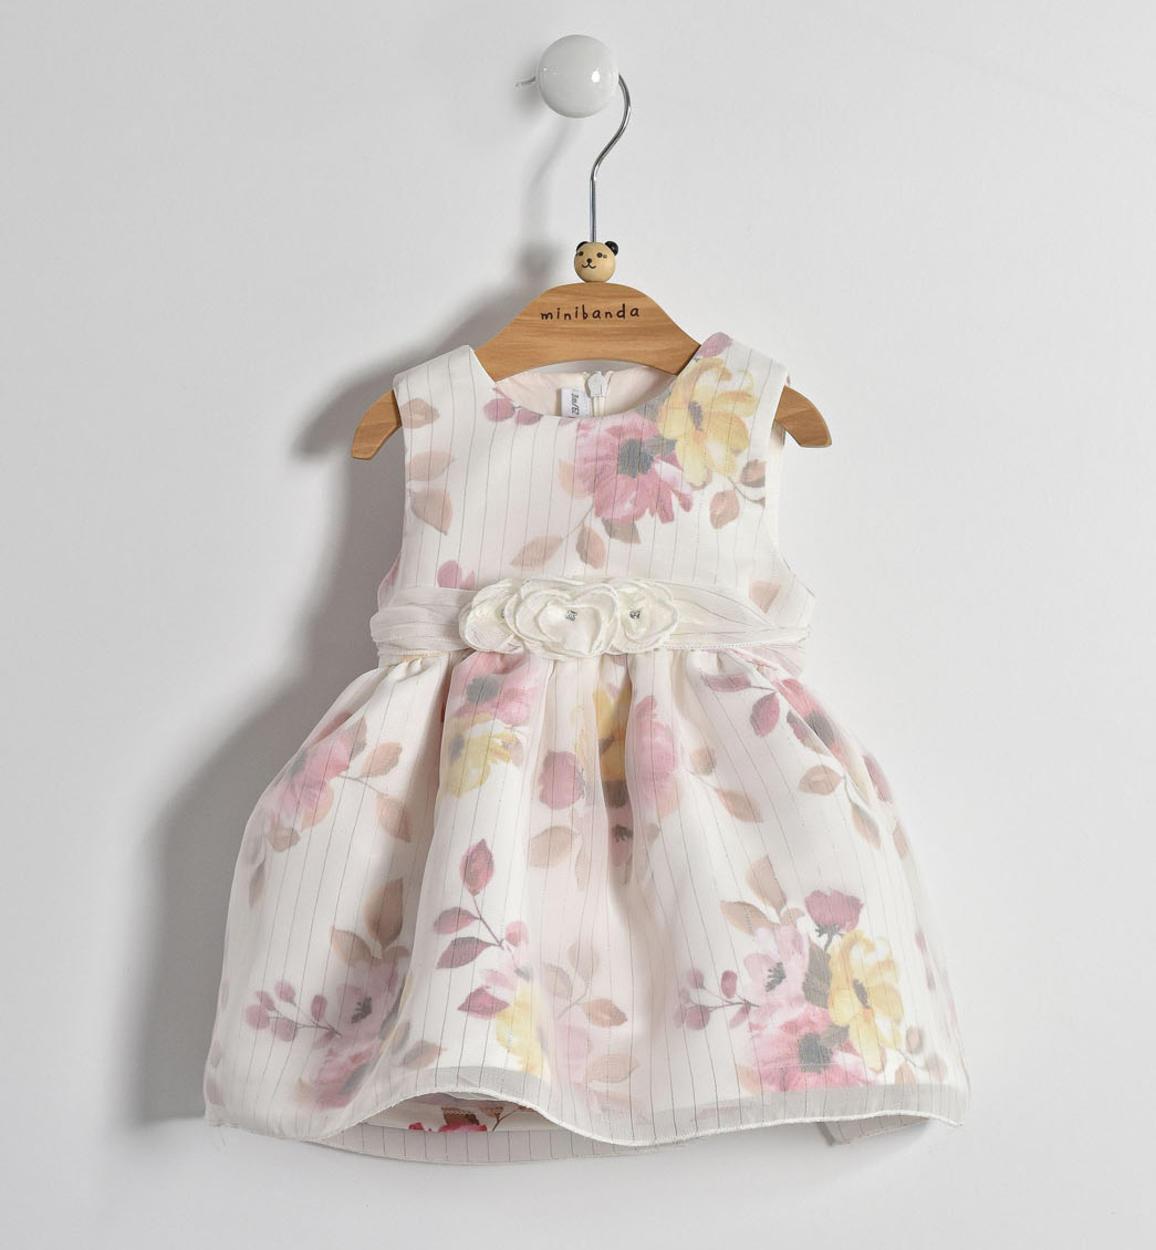 Vestiti Eleganti Neonata.Elegante Vestitino Con Motivo Floreale Per Neonata Da 0 A 24 Mesi